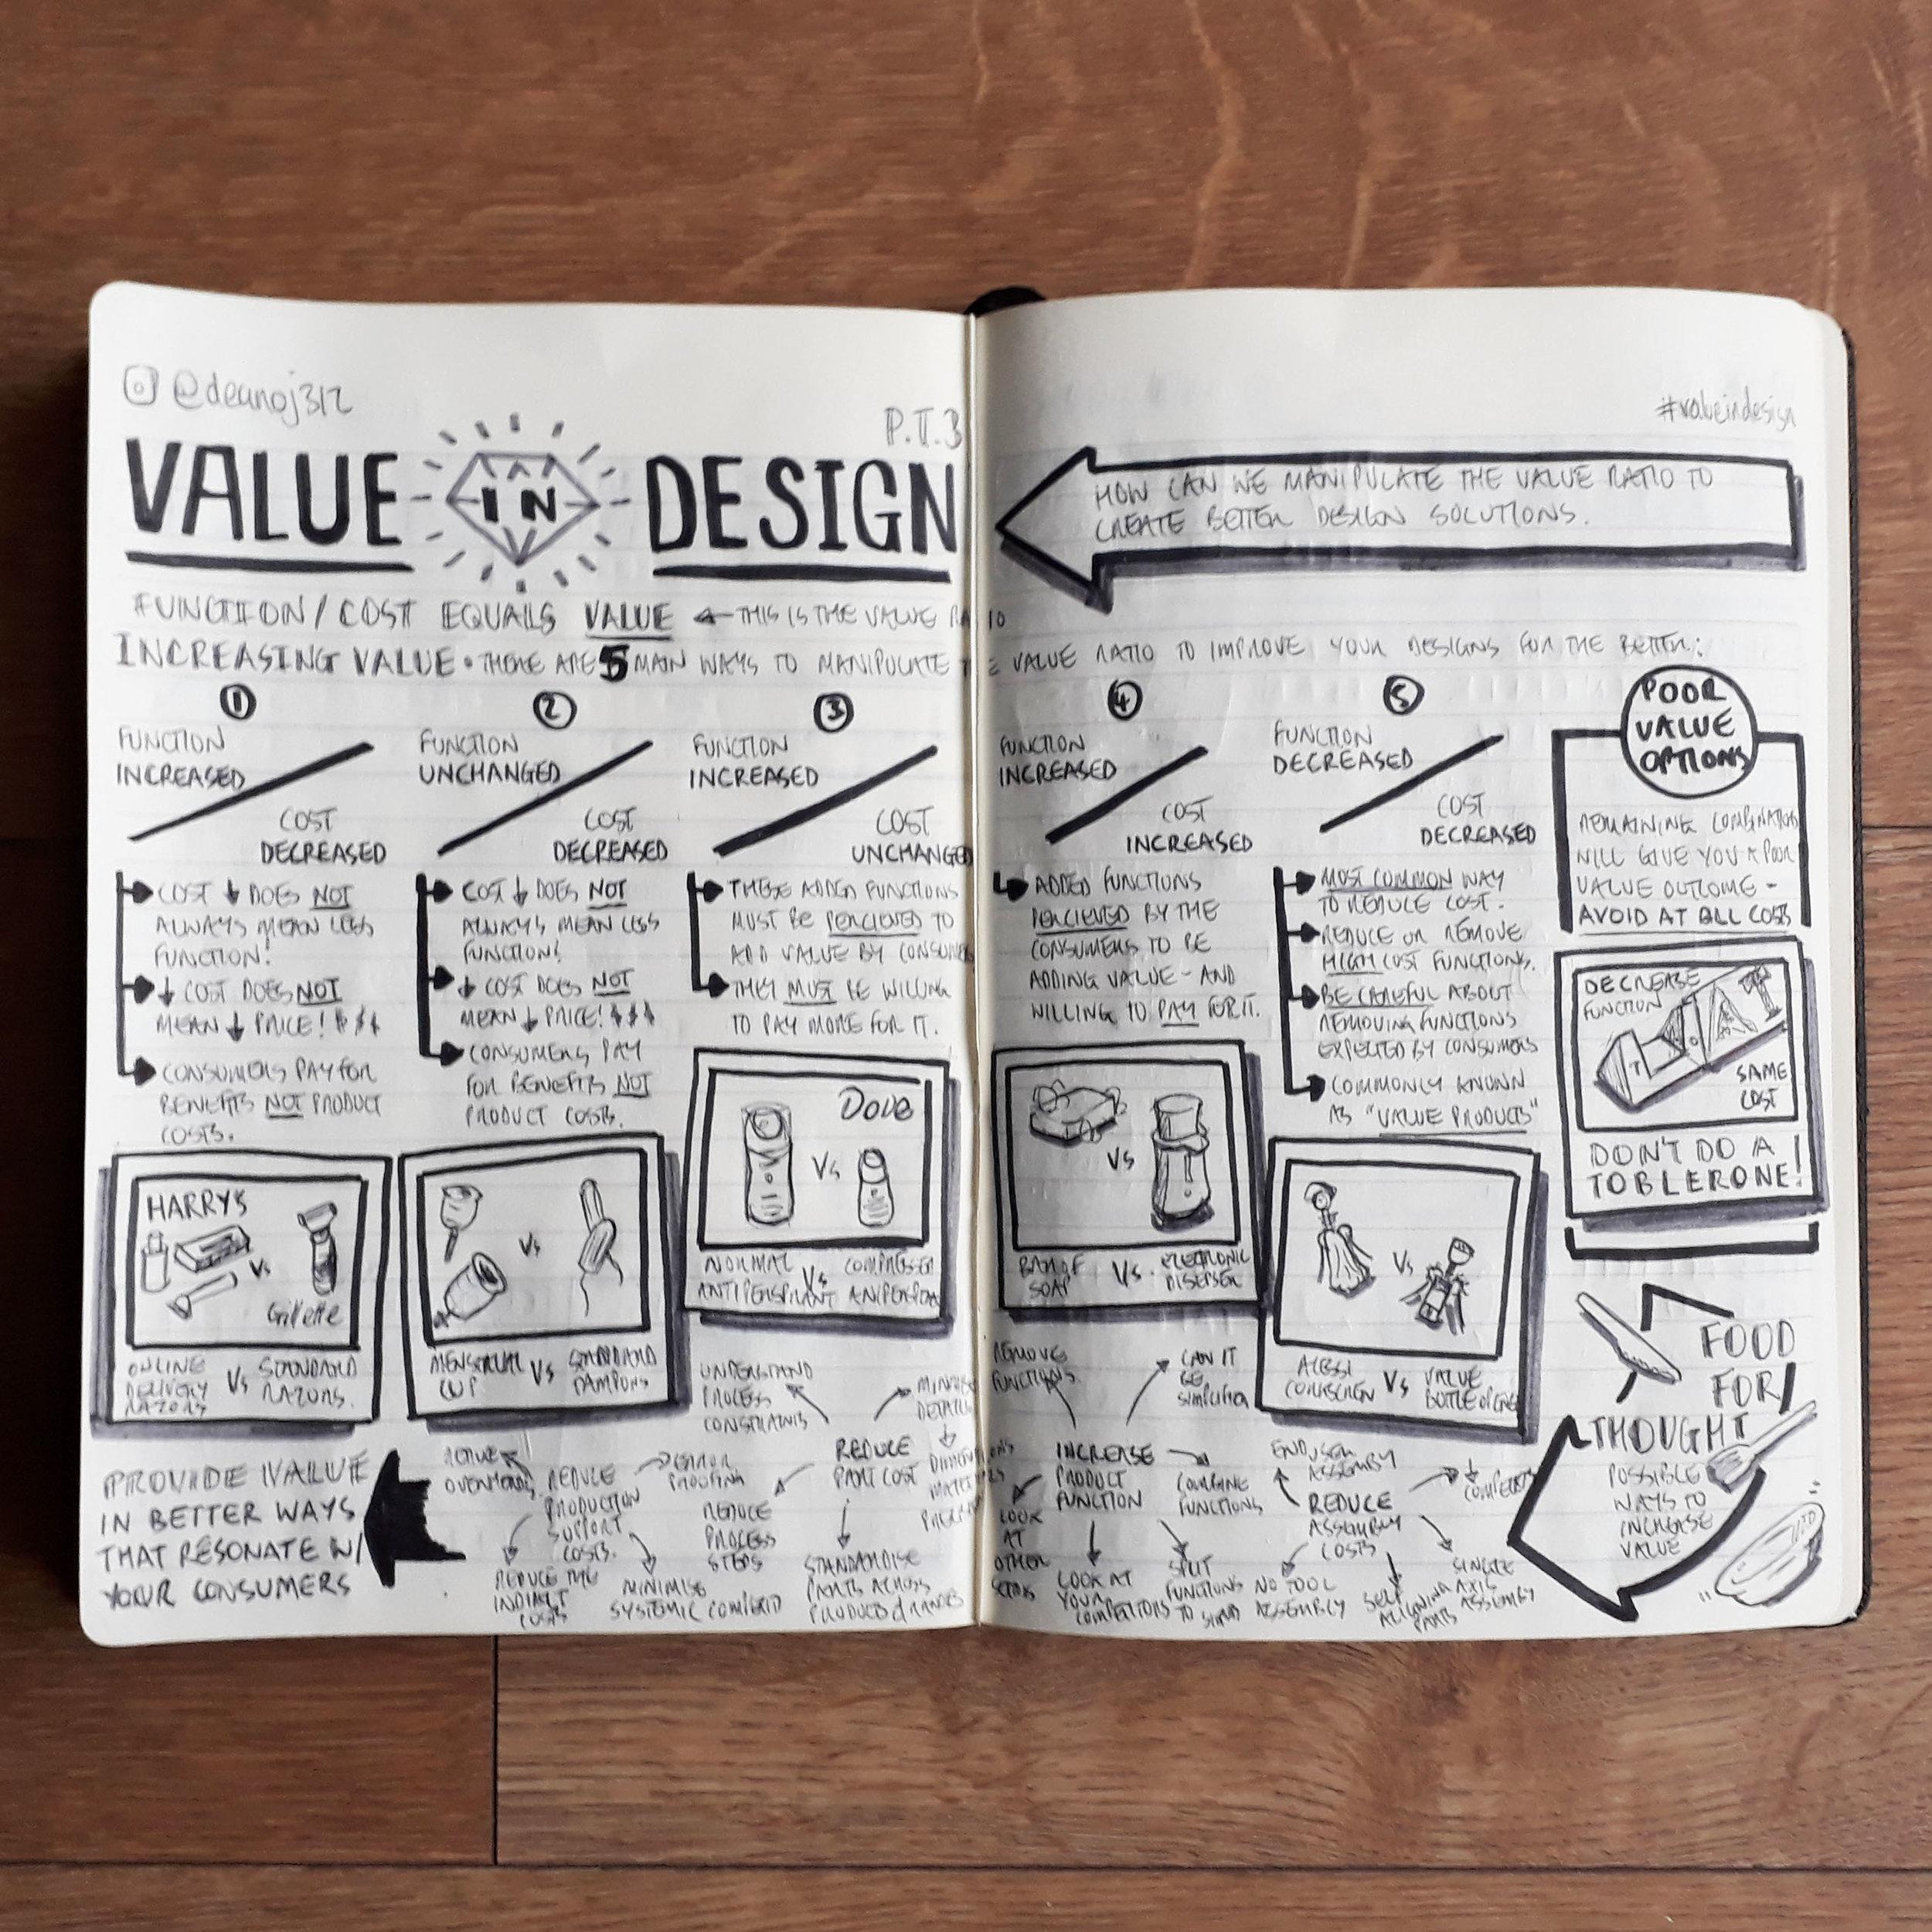 ValueInDesign-Part3.0.jpg